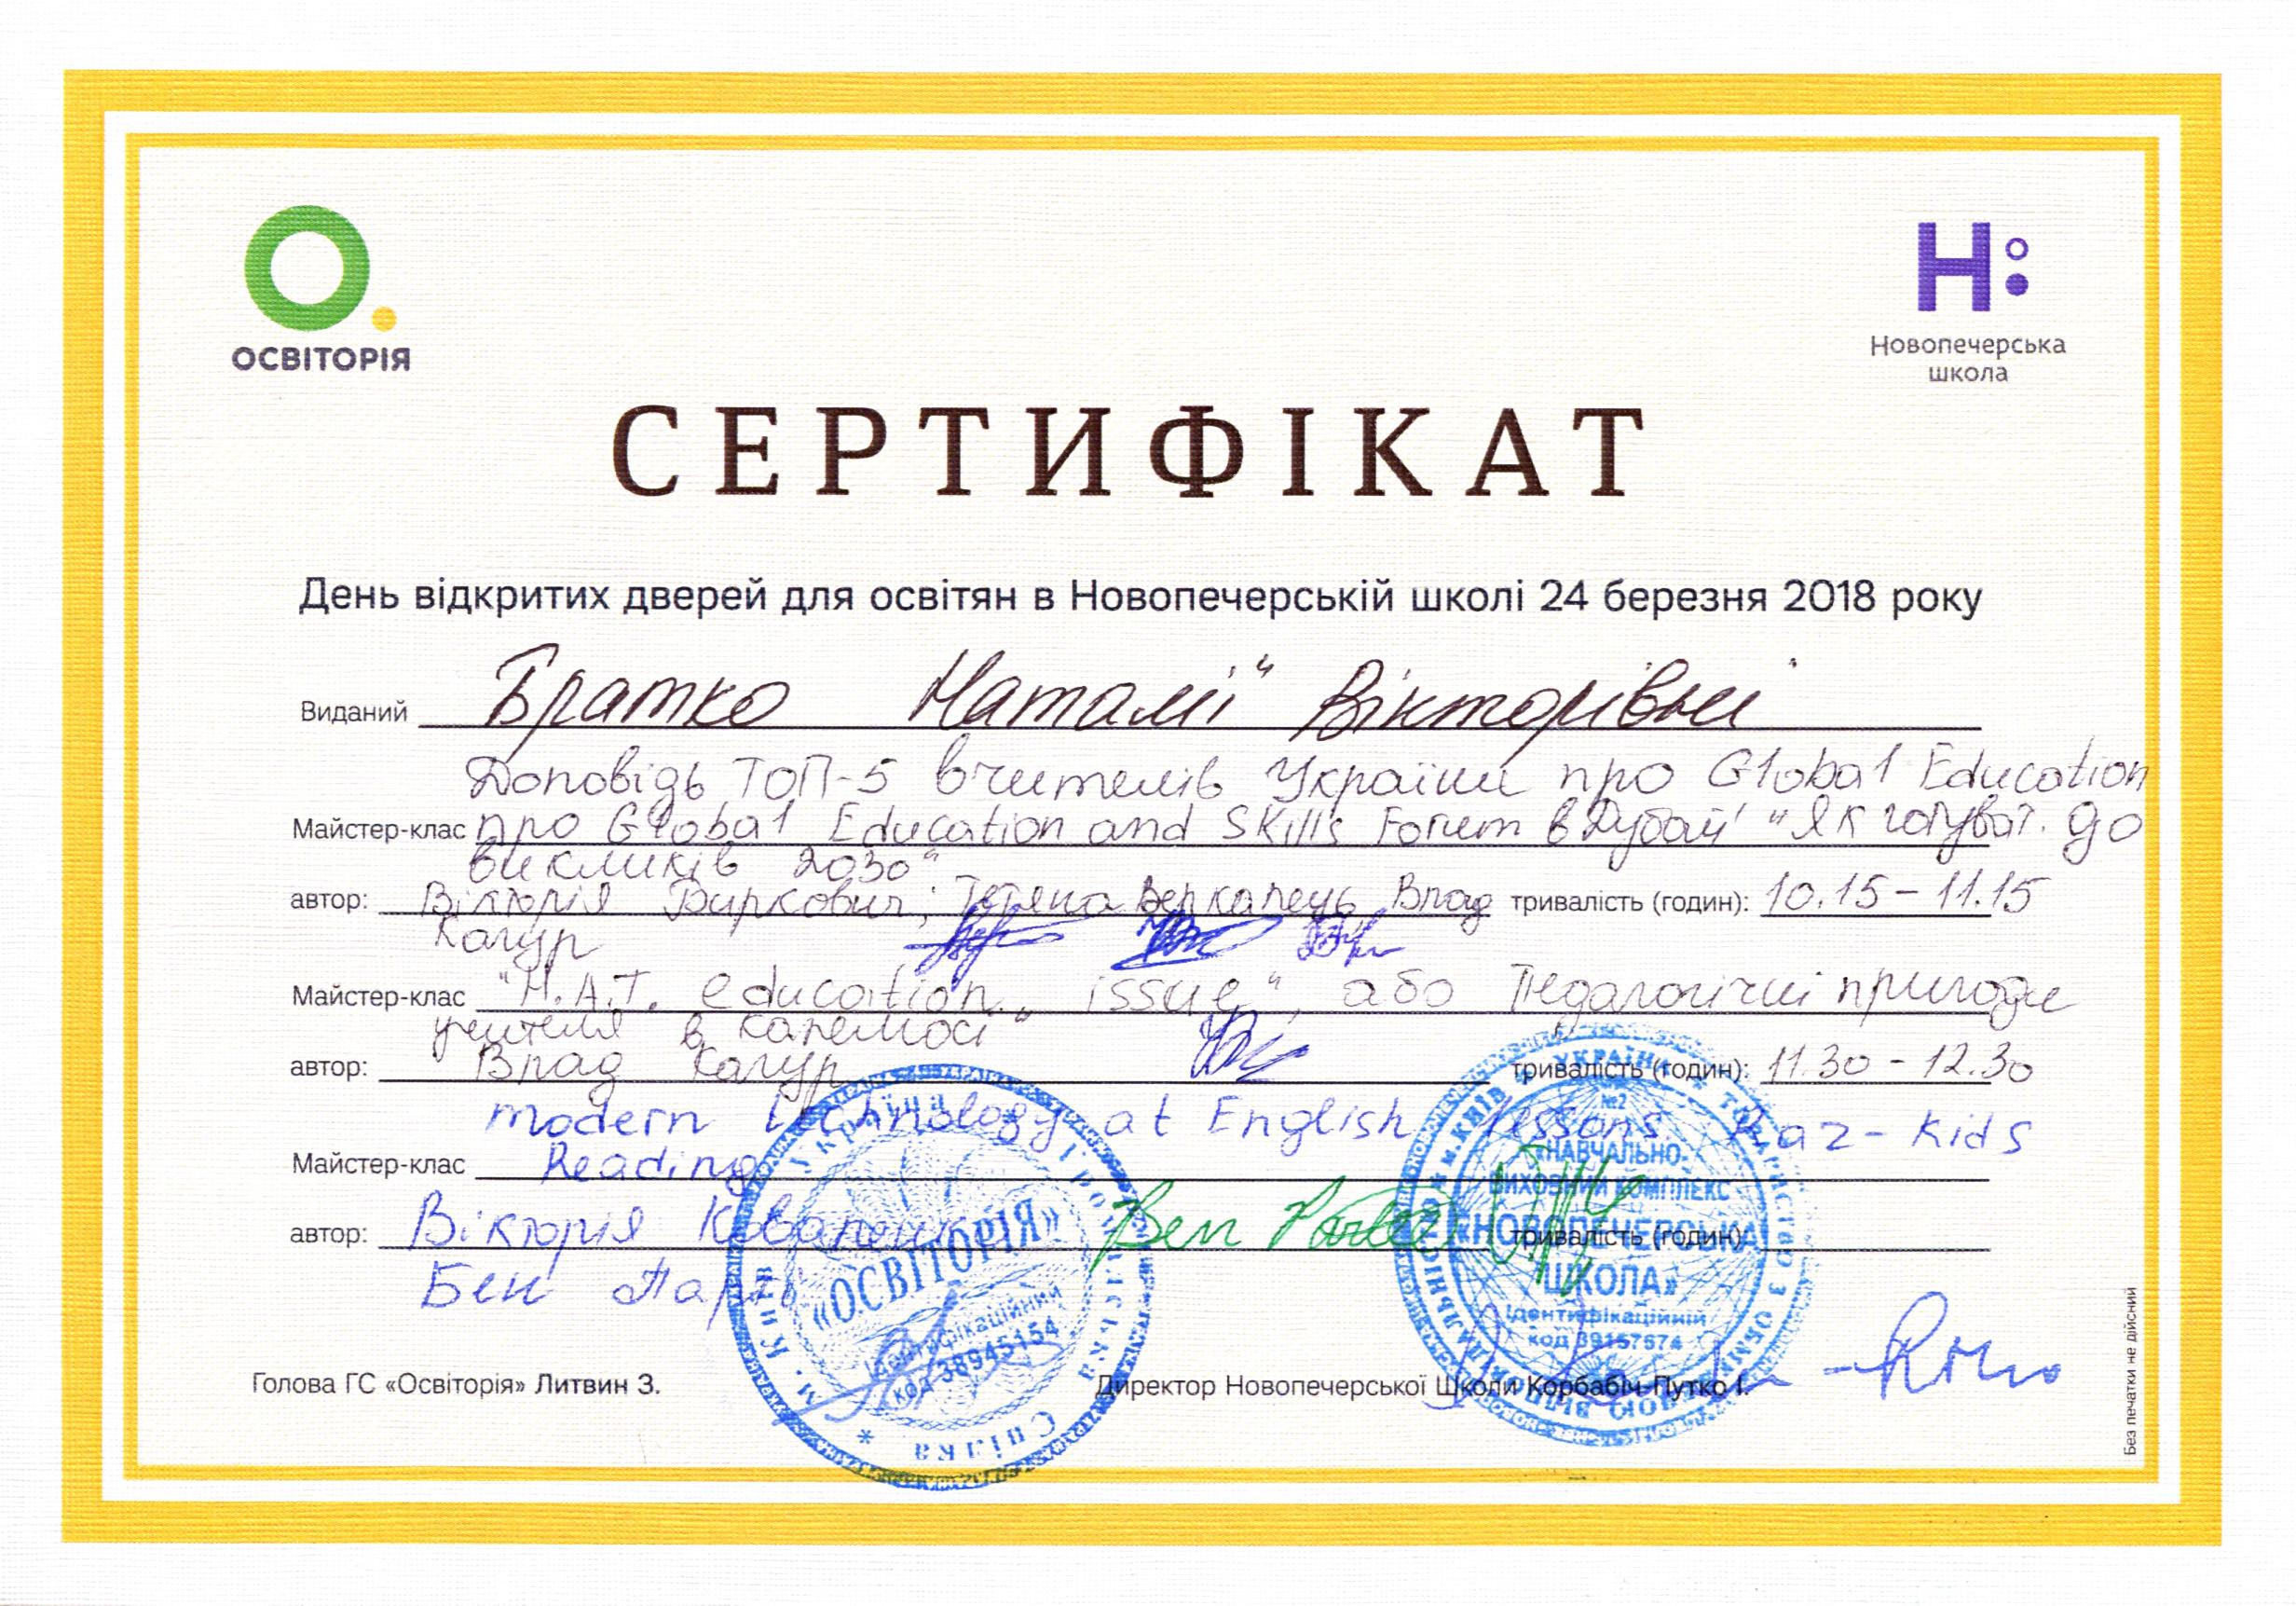 Сертифікат за участь у Дні відкритих дверей для освітян  в Новопечерській школі